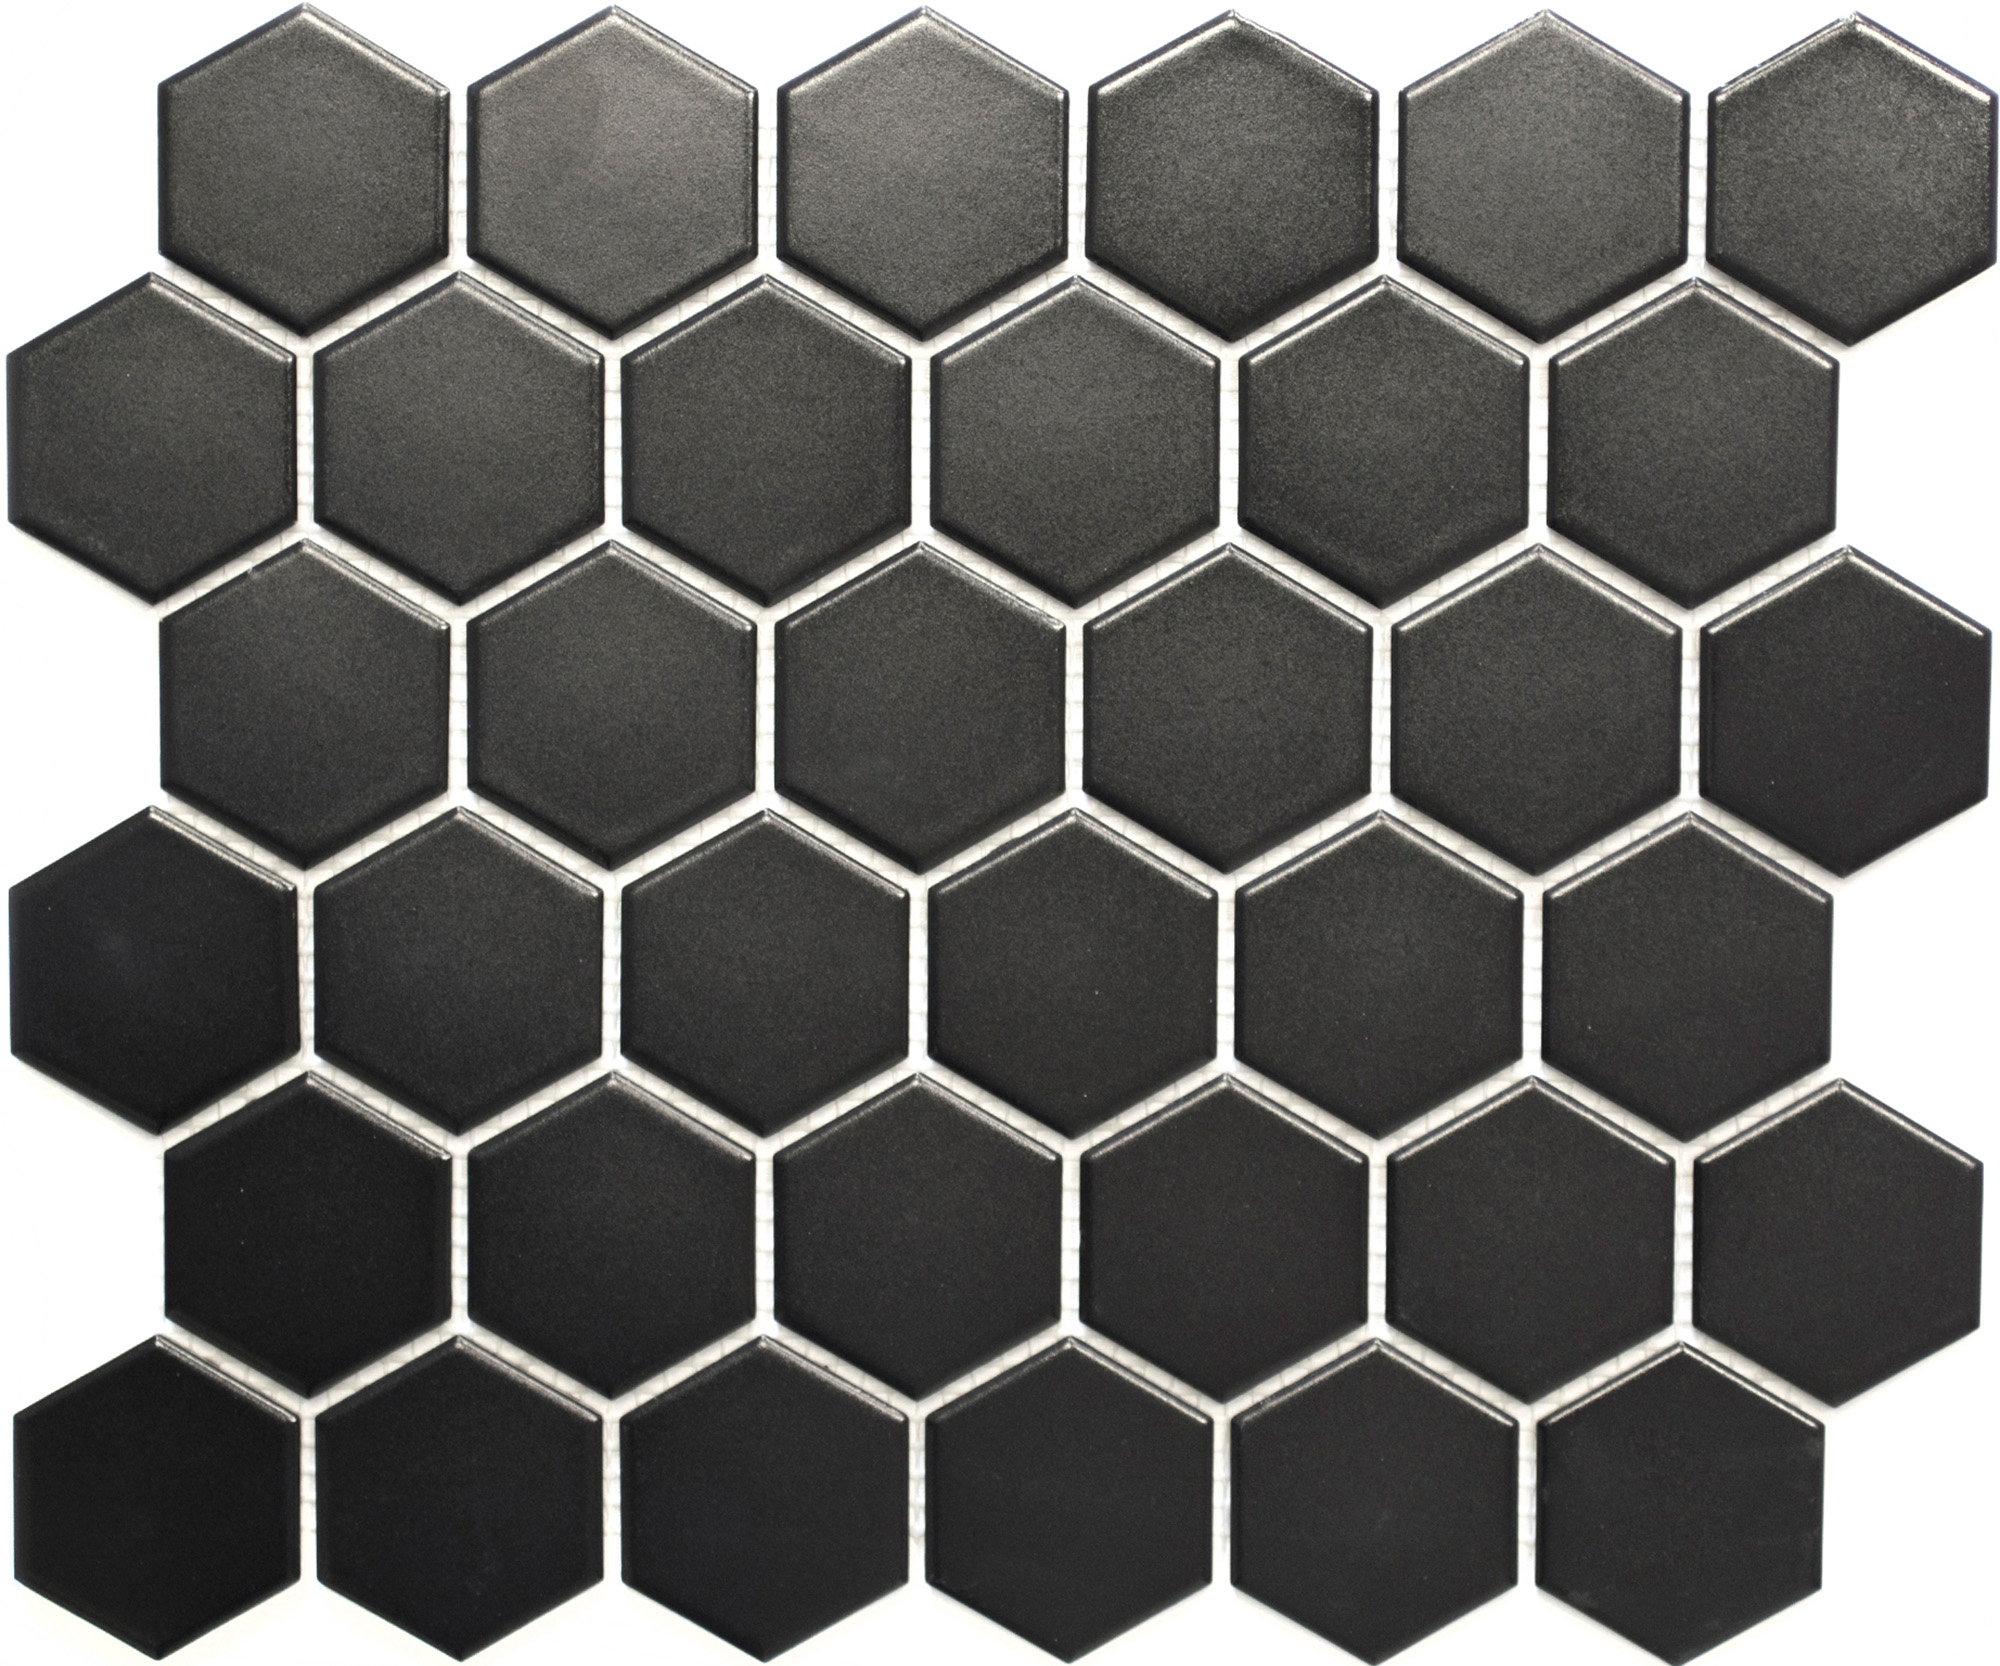 HX095[OUTLET], Hexagon, Musta, mosaiiikki,lattia,pakkasenkesto